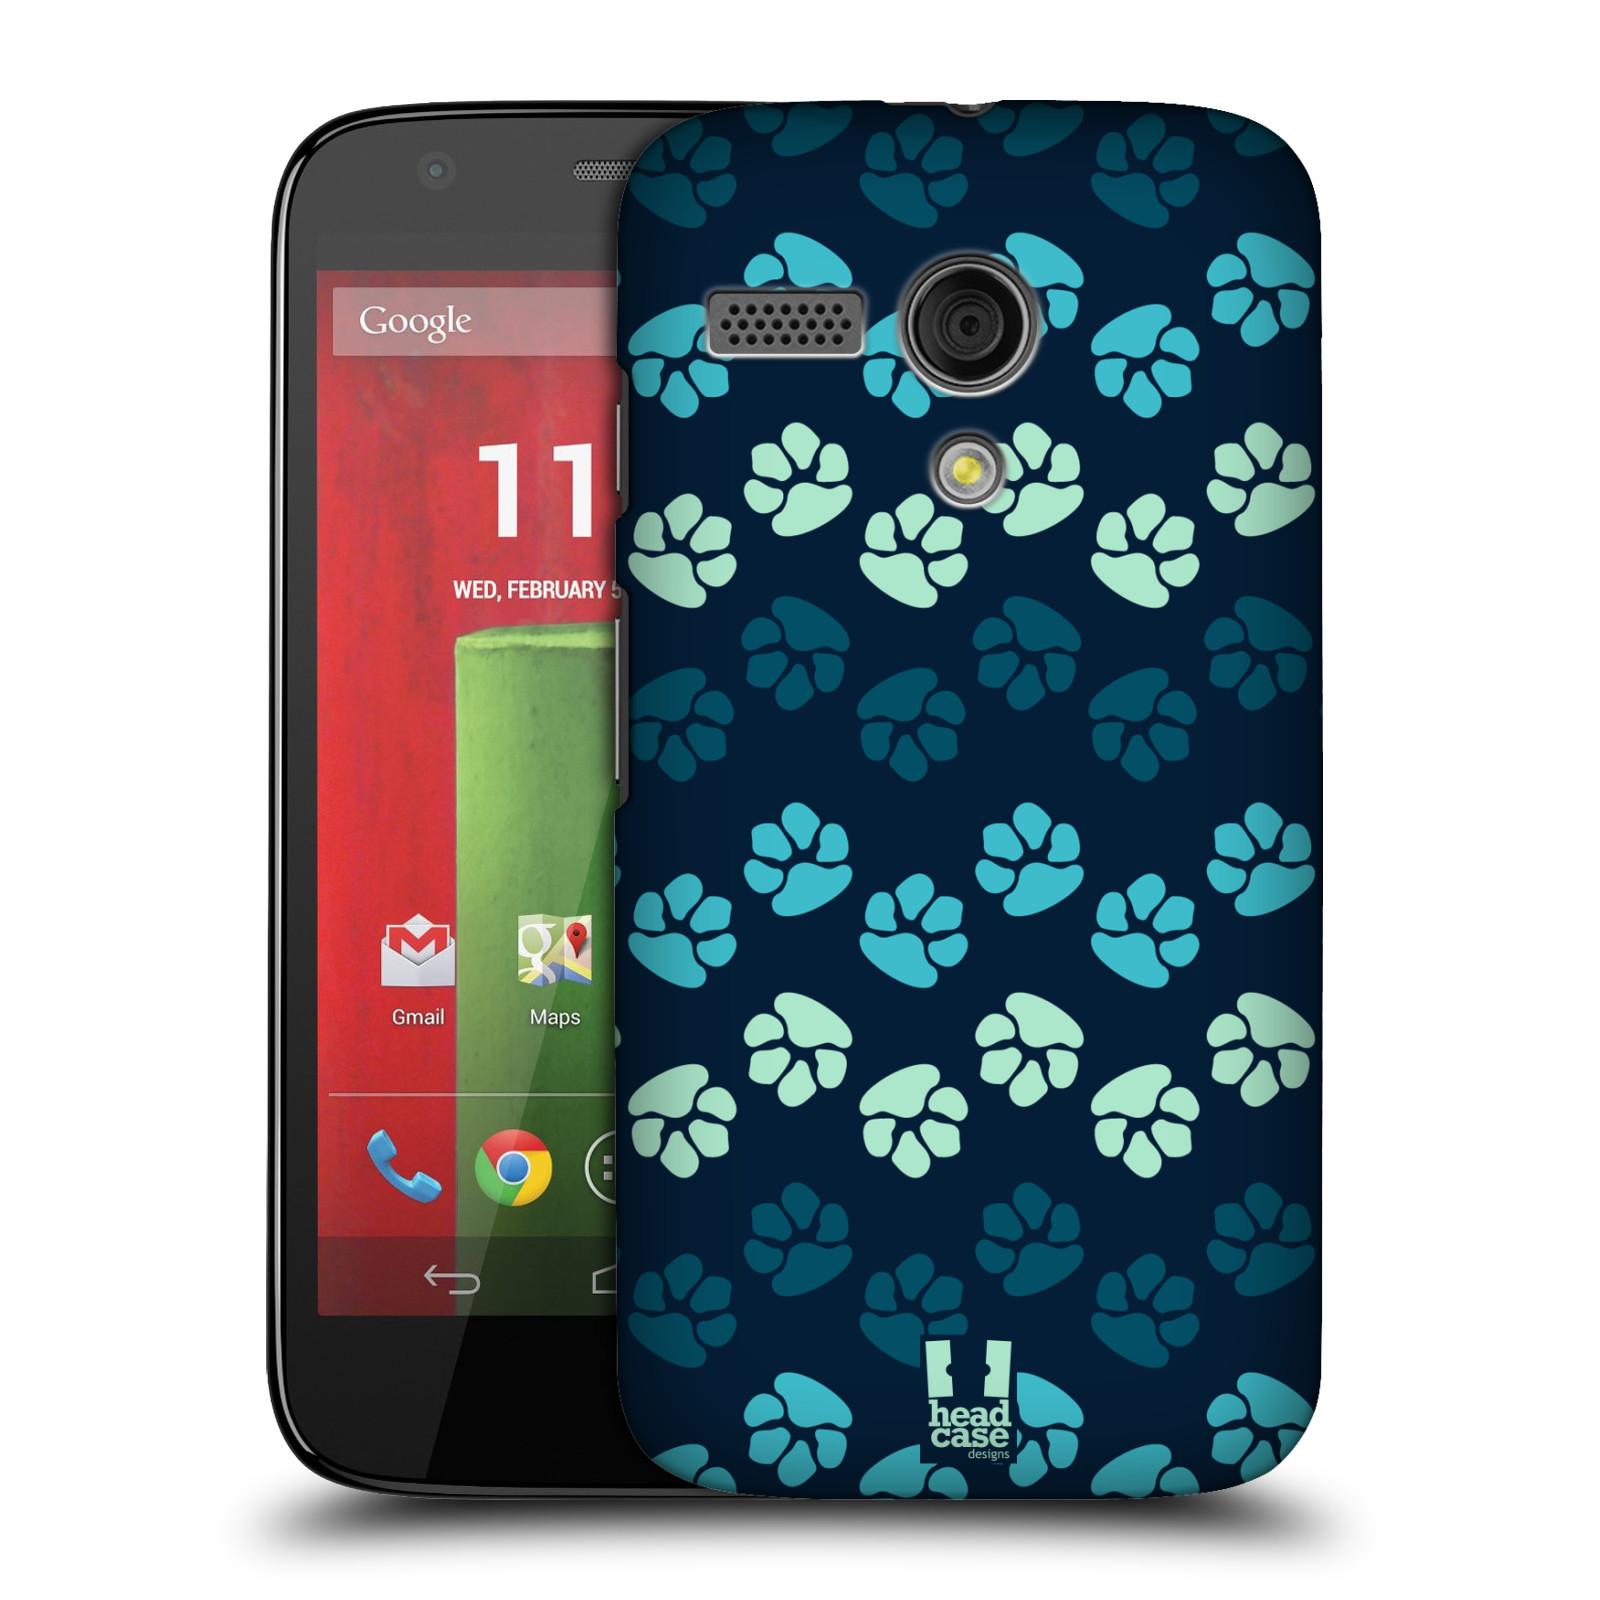 Plastové pouzdro na mobil Motorola Moto G HEAD CASE TLAPKY MODRÉ (Kryt či obal na mobilní telefon Motorola Moto G)